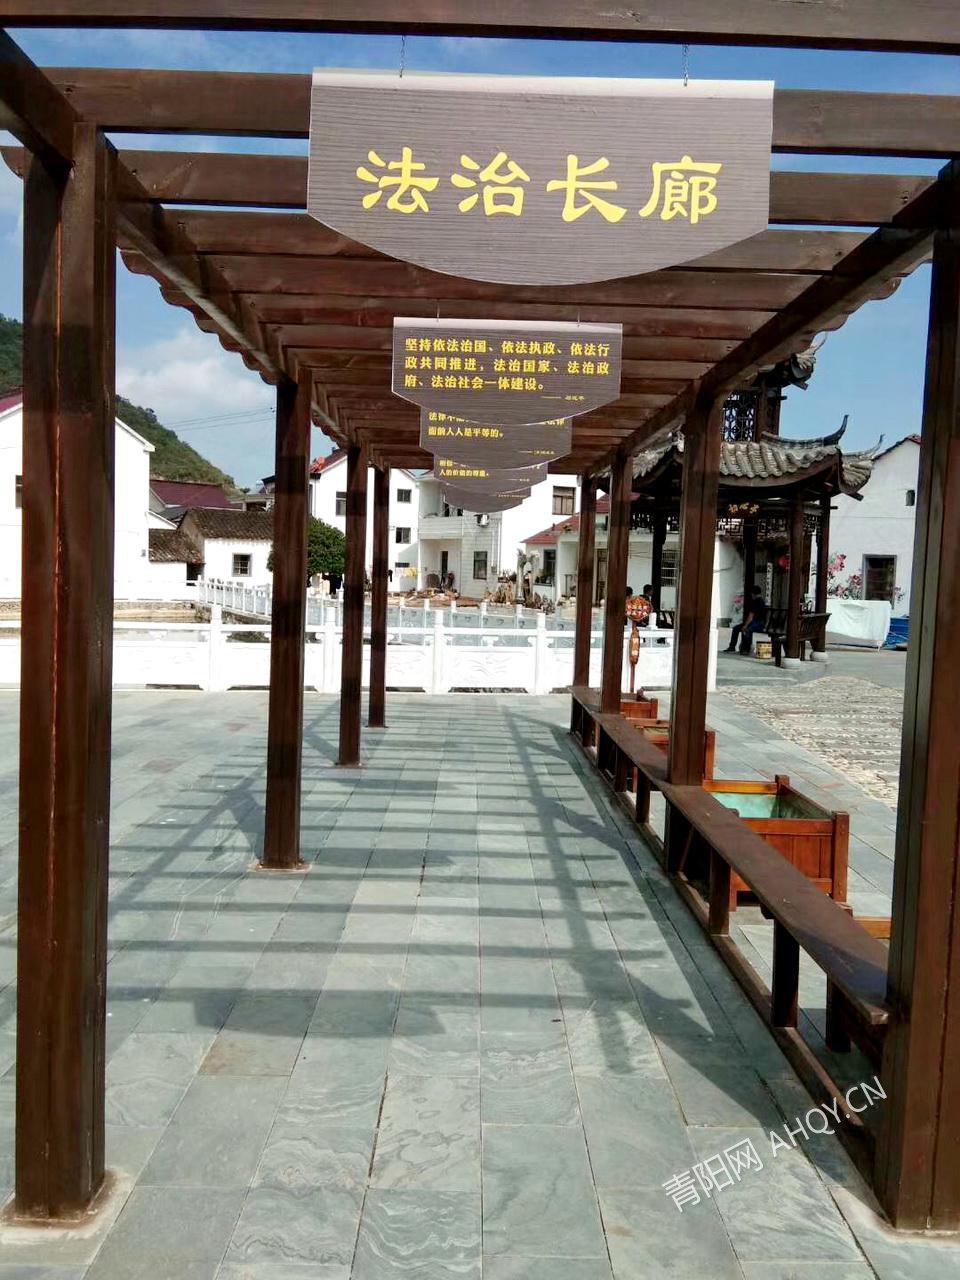 酉华镇乐元村法治文化广场.jpg